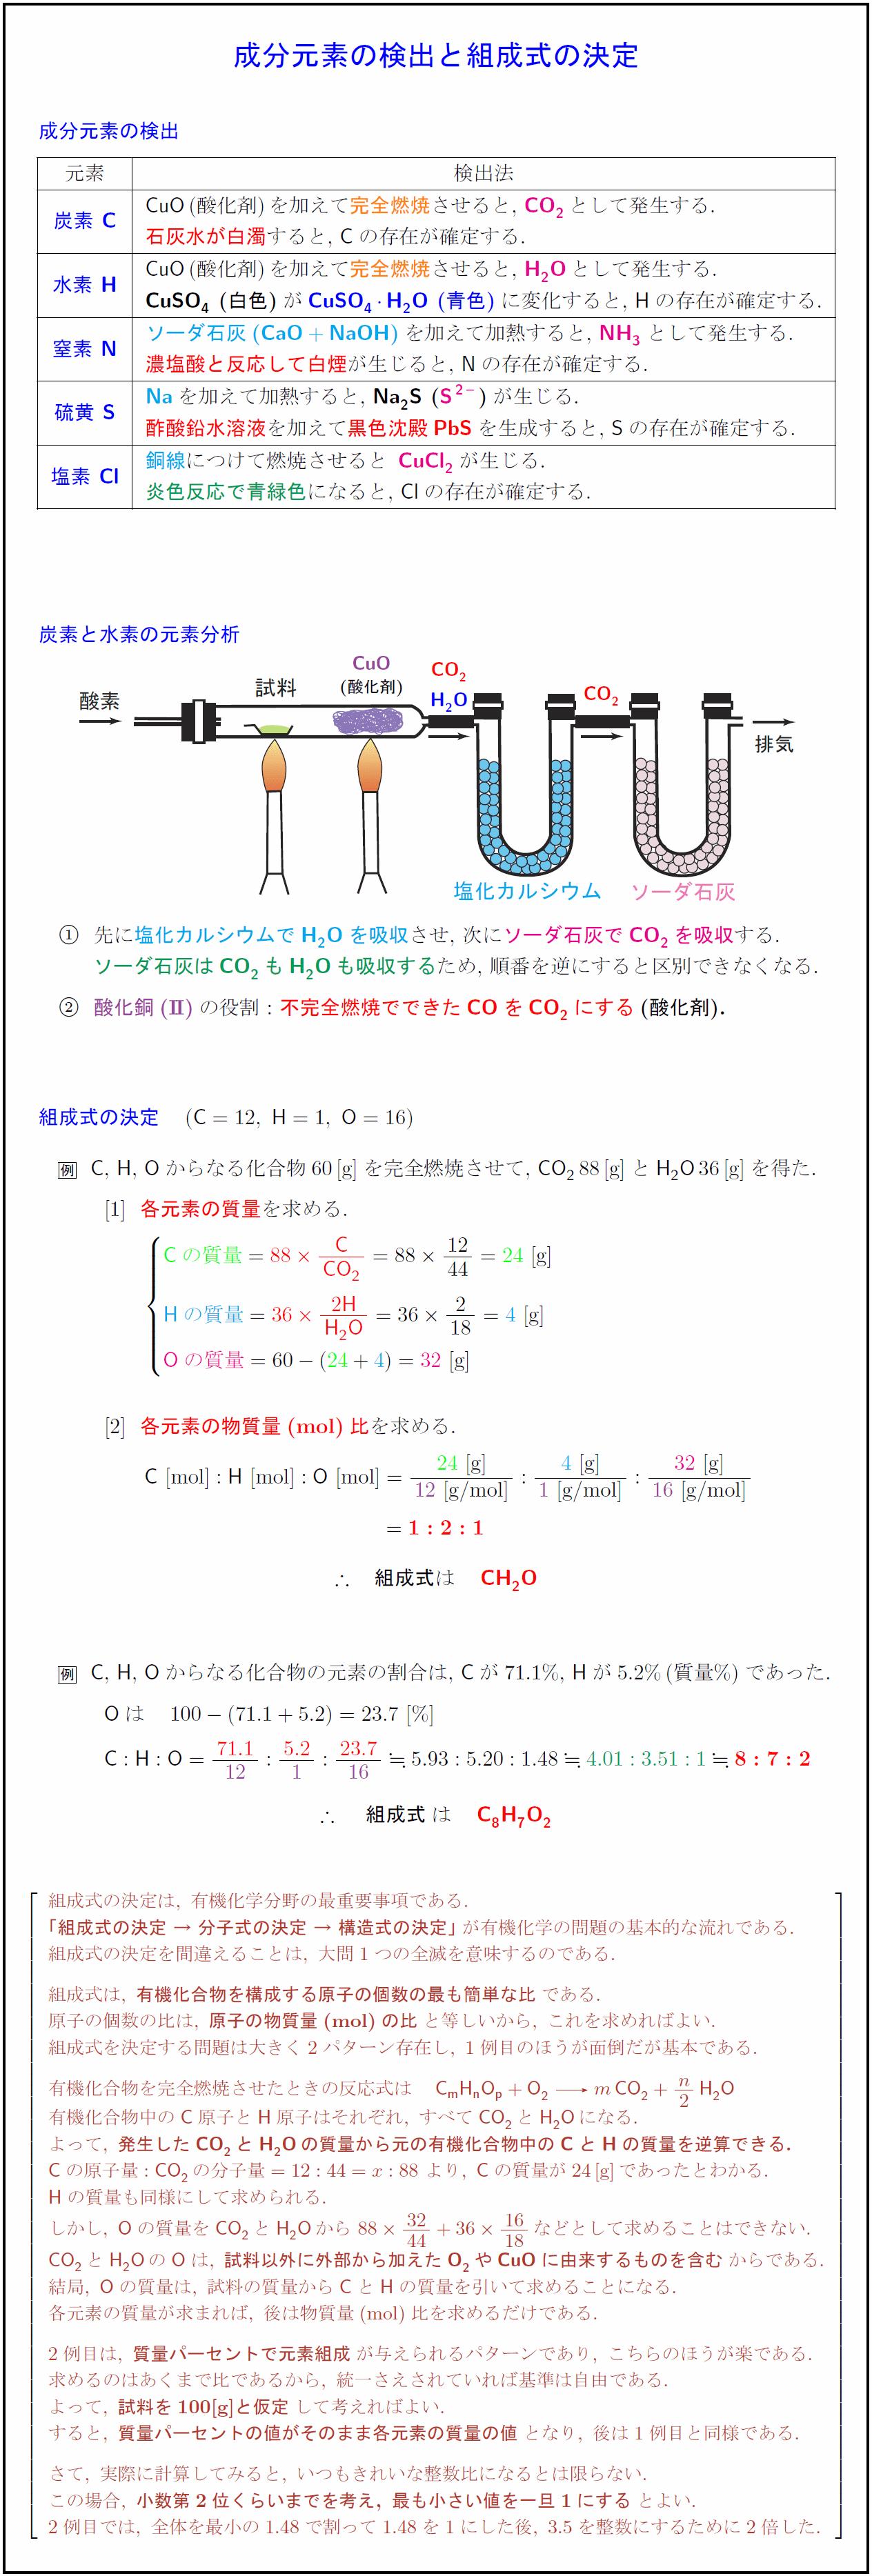 composition-formula